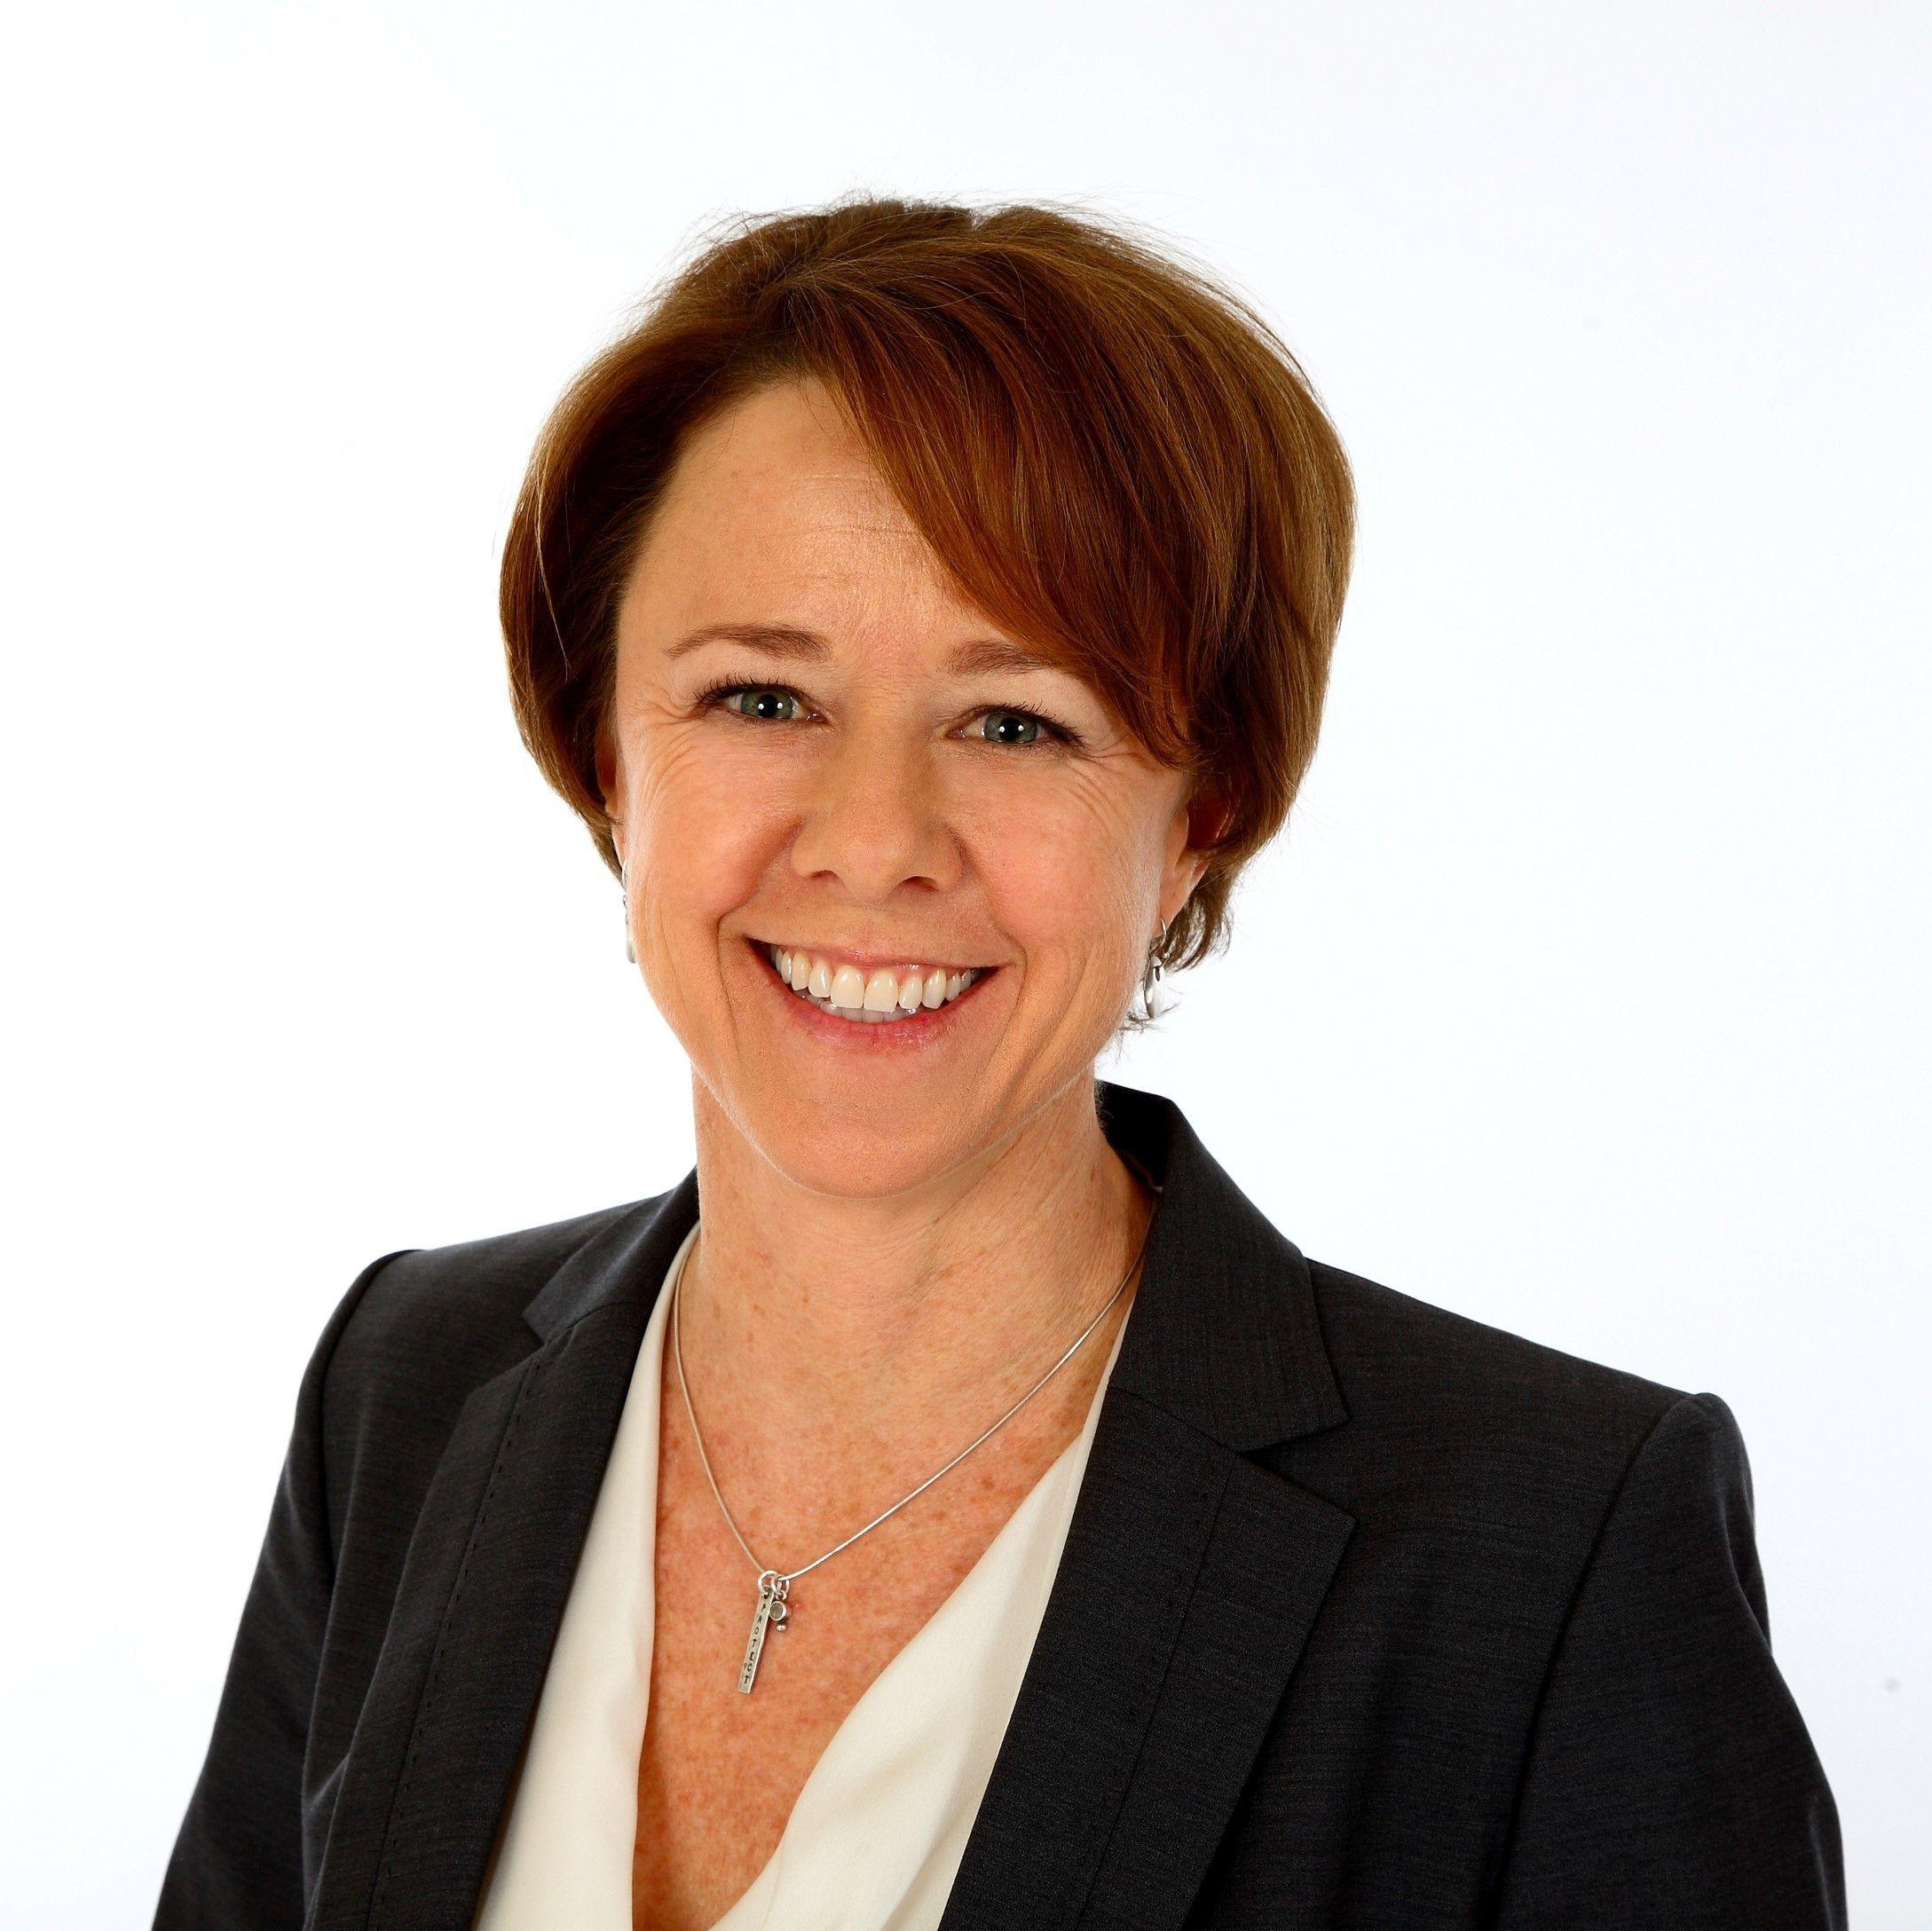 Marci Eads, PhD